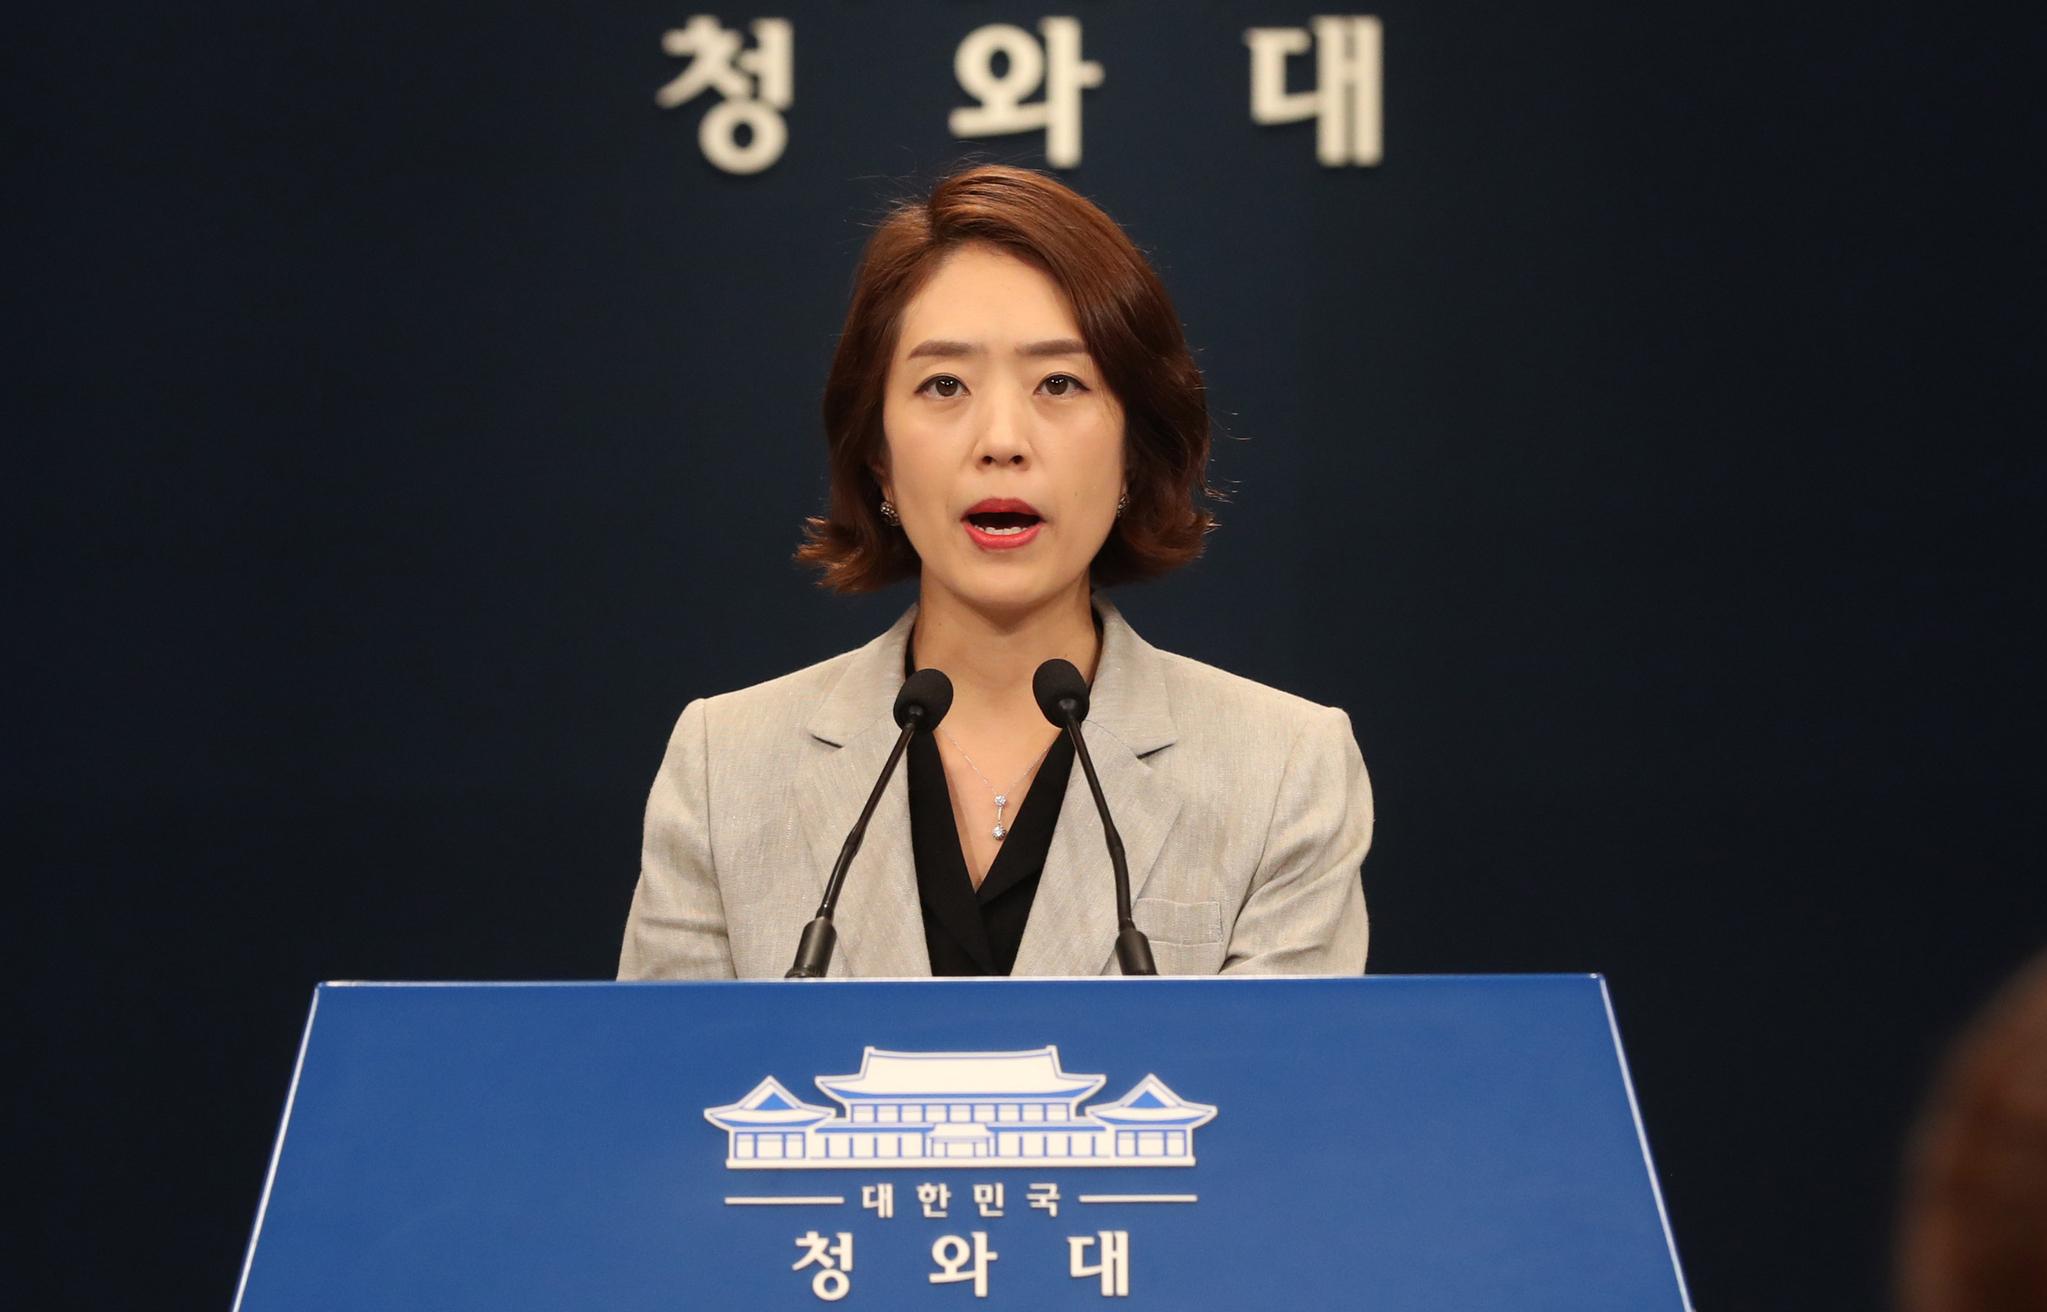 고민정 청와대 대변인이 9일 청와대에서 장관급 등의 개각을 발표하고 있다. [연합뉴스]